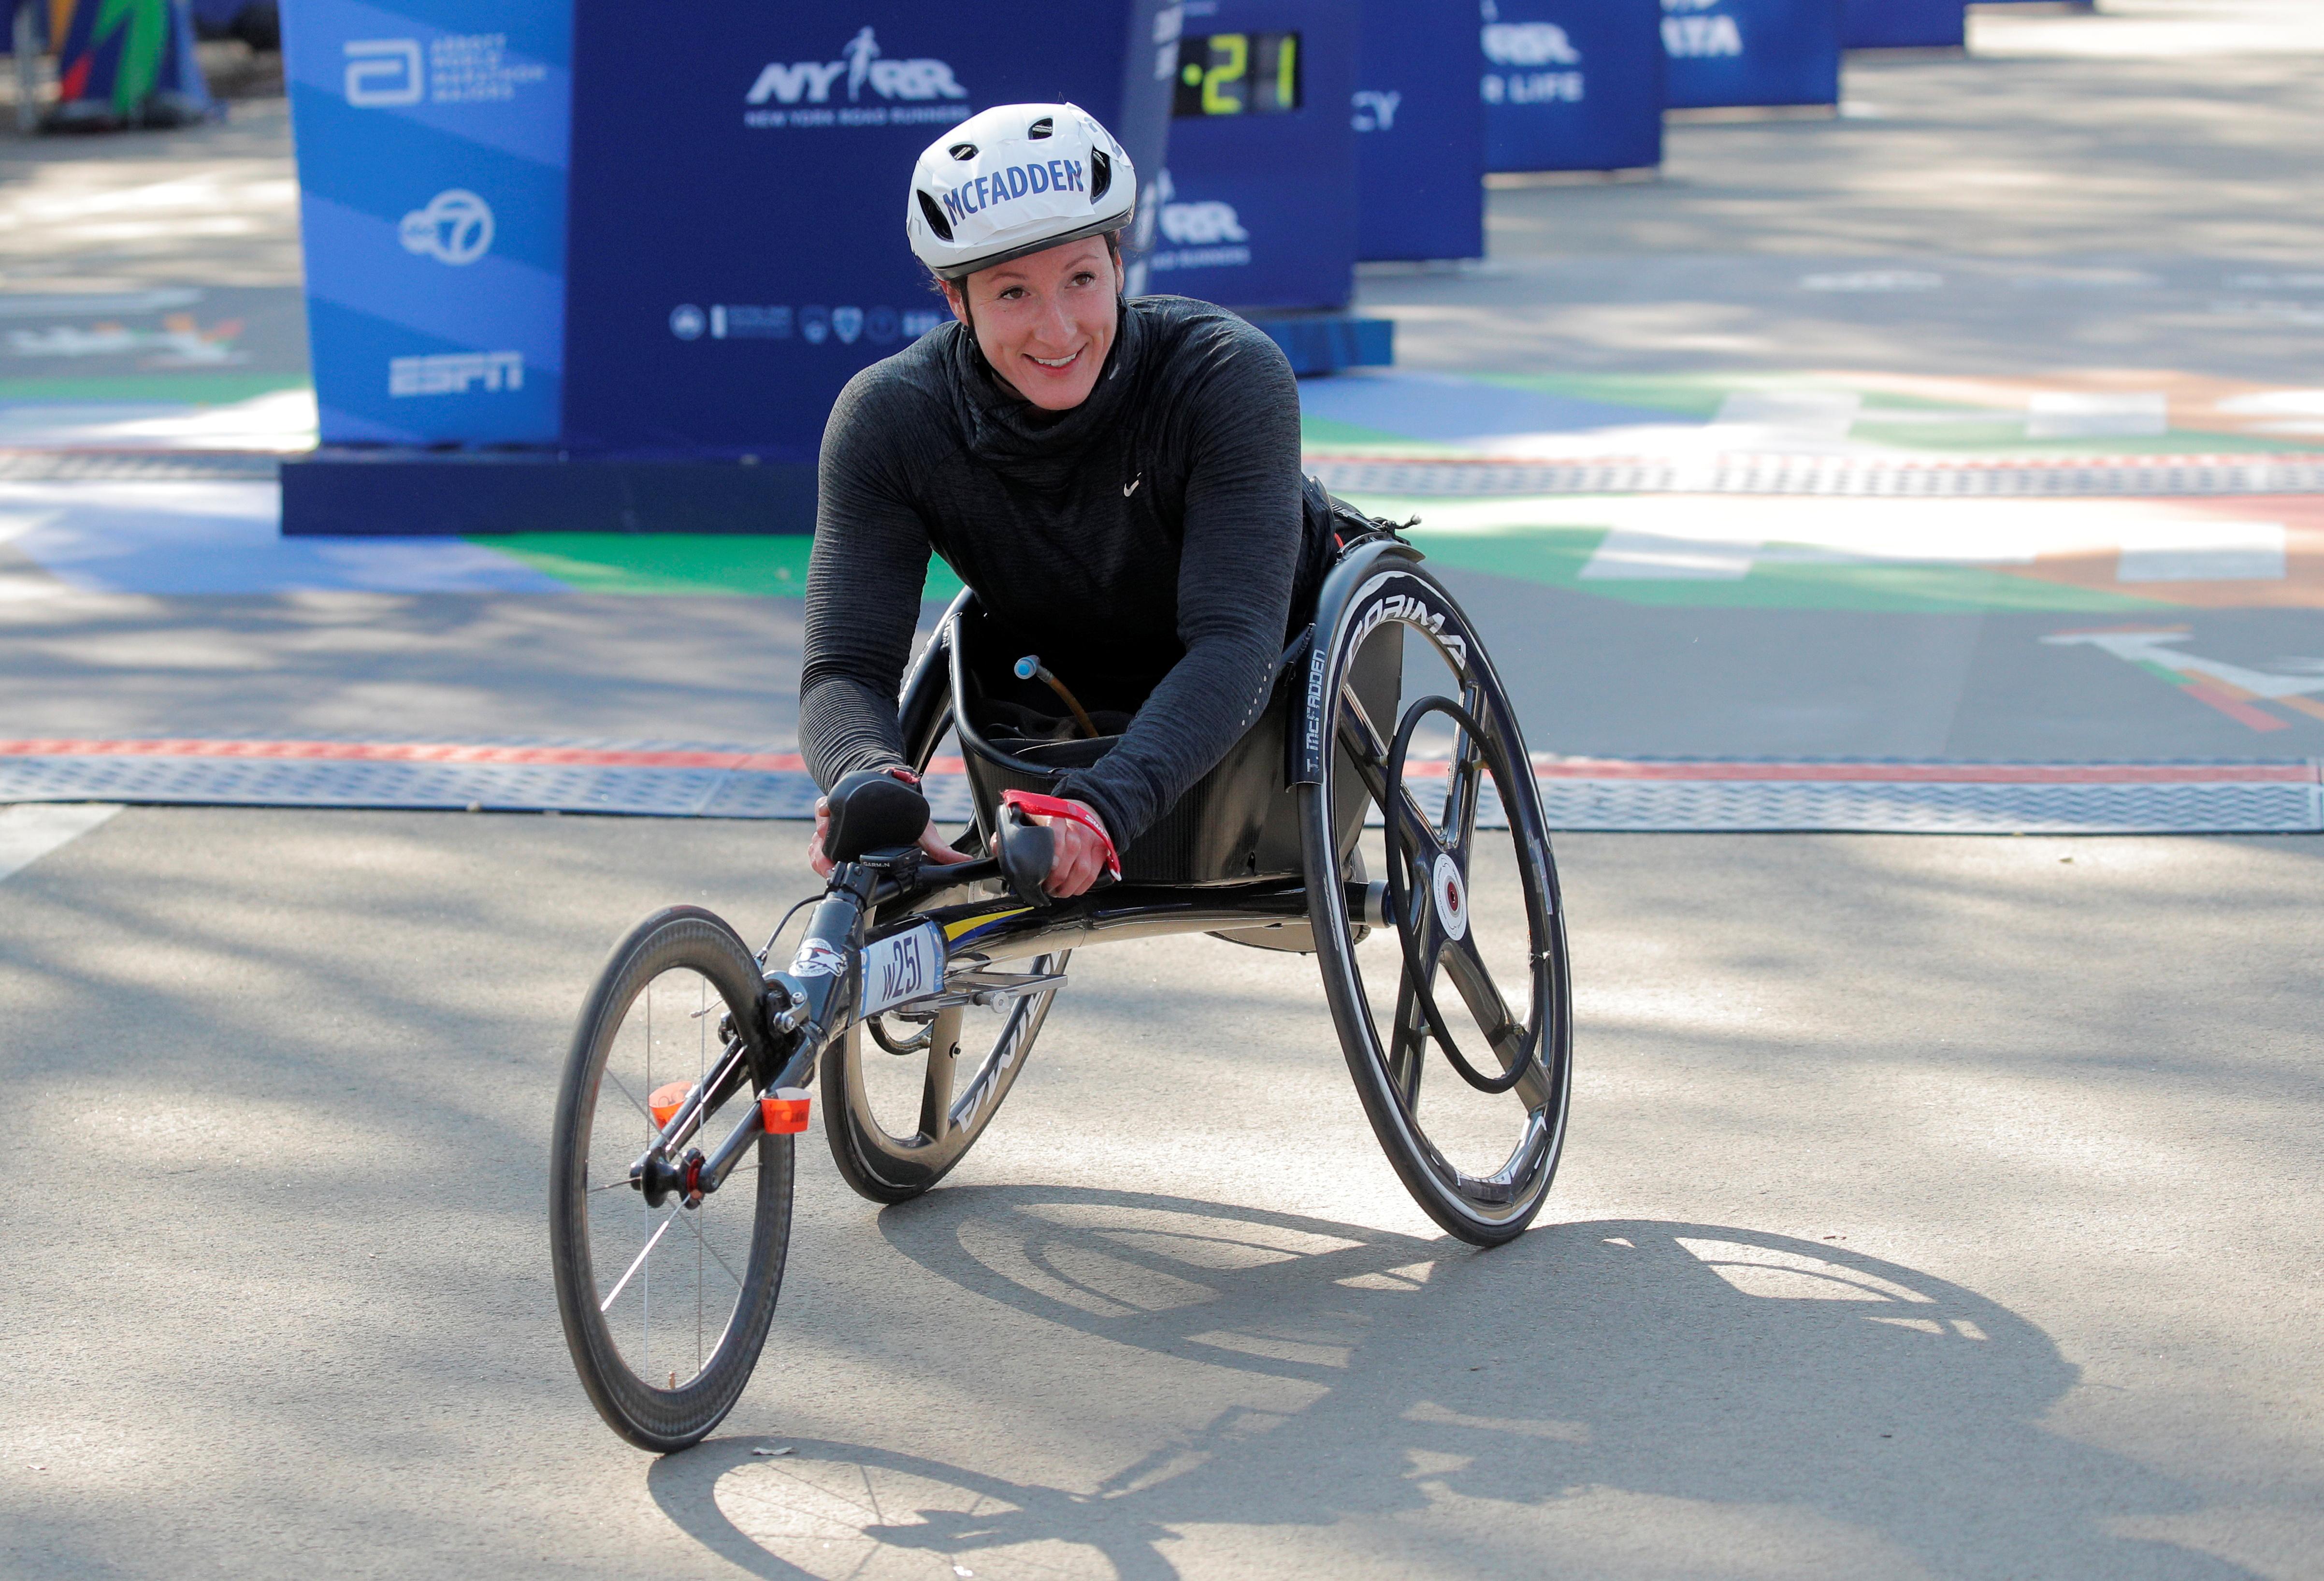 atyana McFadden acabó segunda en la categoría femenina sobre silla de ruedas